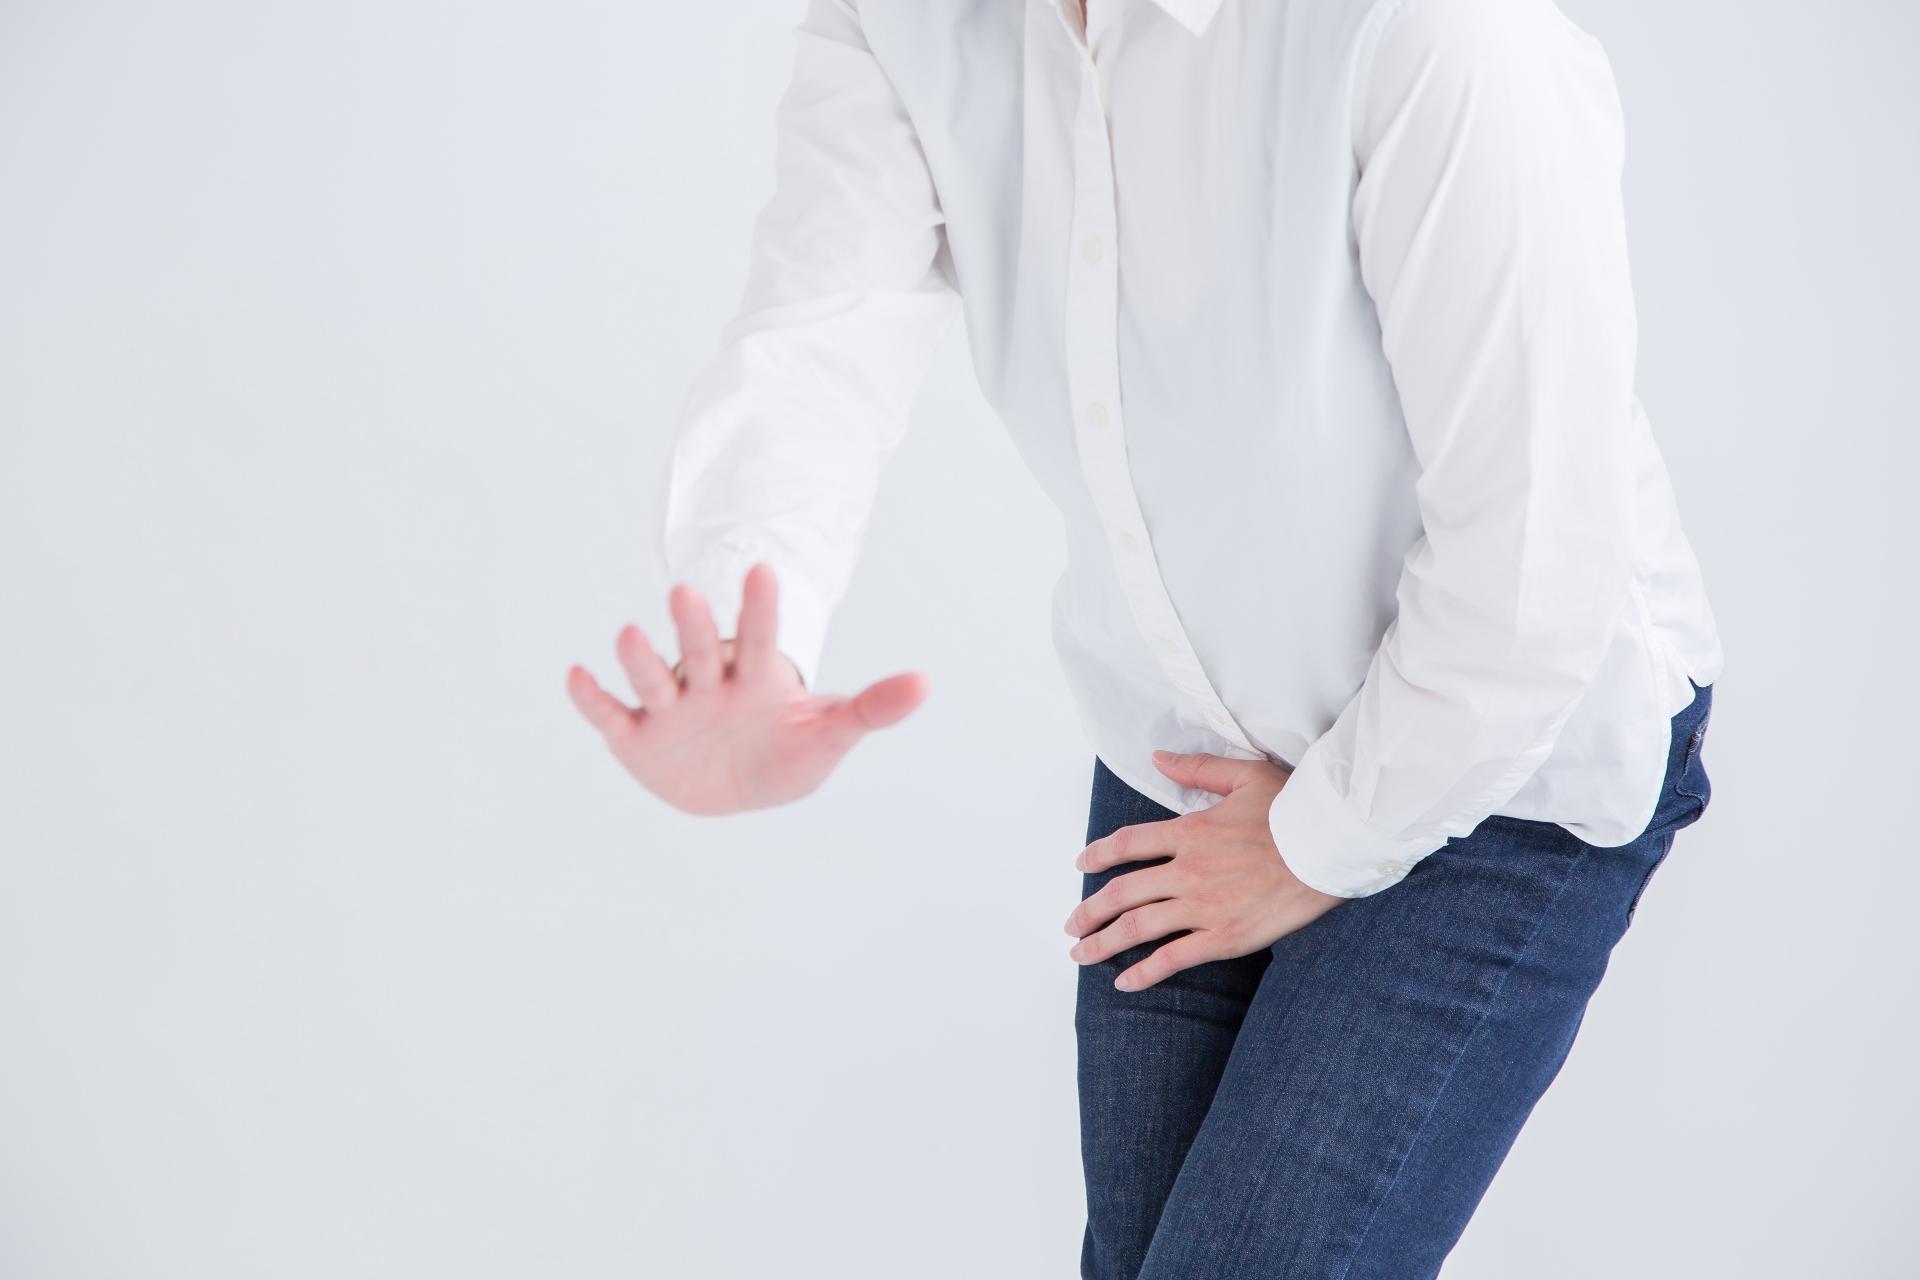 かゆみ 抑える 方法 カンジダ